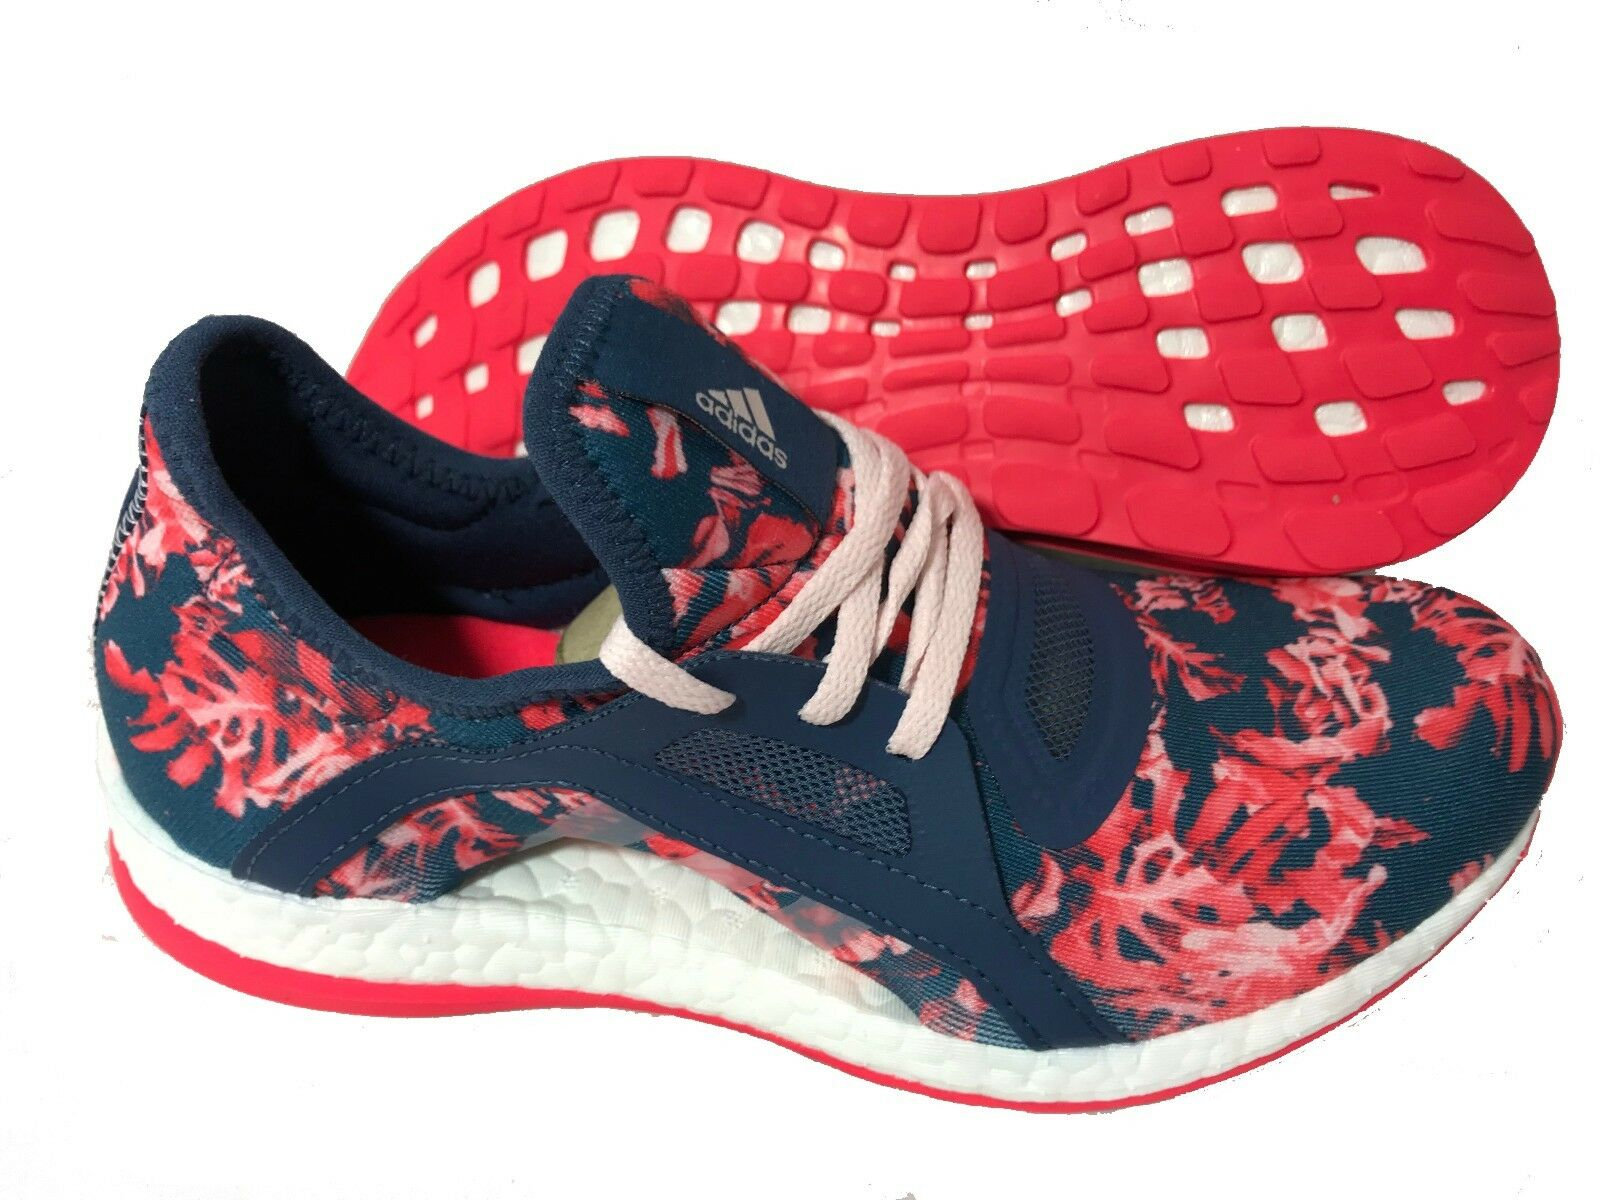 Adidas Pure Boost X daSie Laufen Trainers schuhe